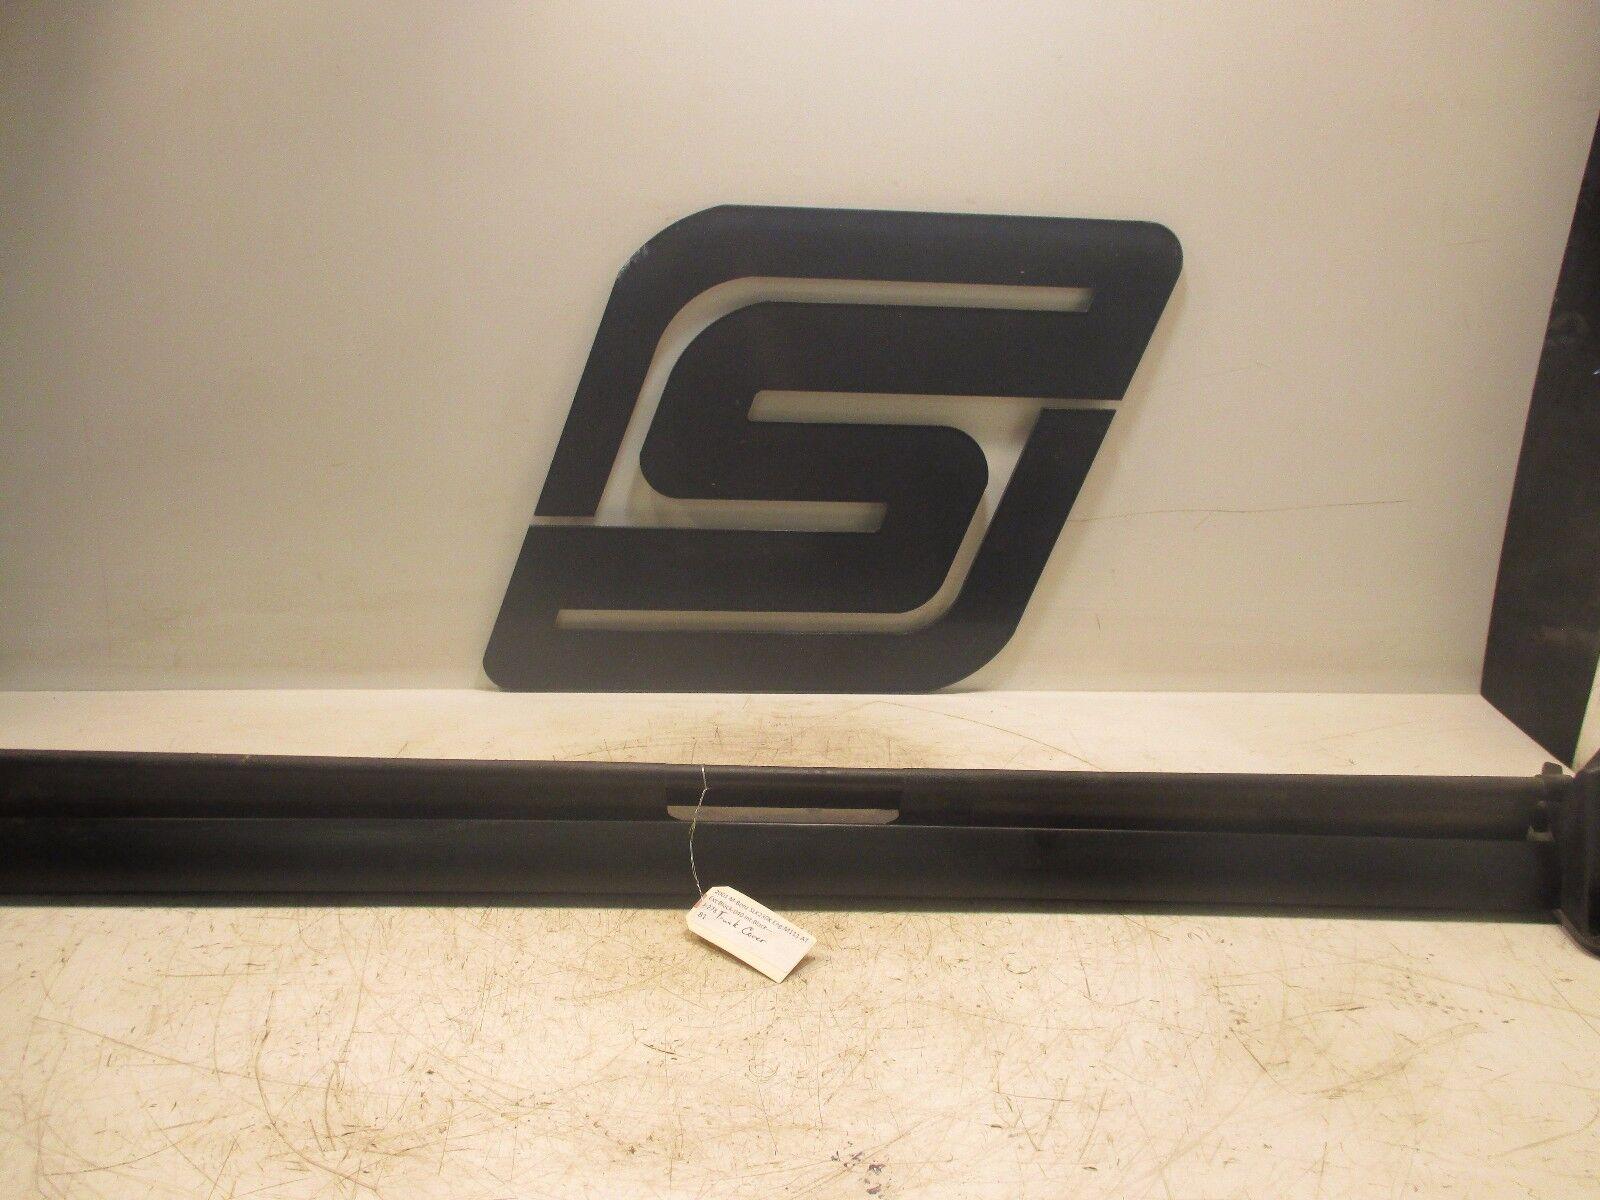 2001 Mercedes Benz SLK230K SLK OEM Trunk Partition Roller Cover Panel